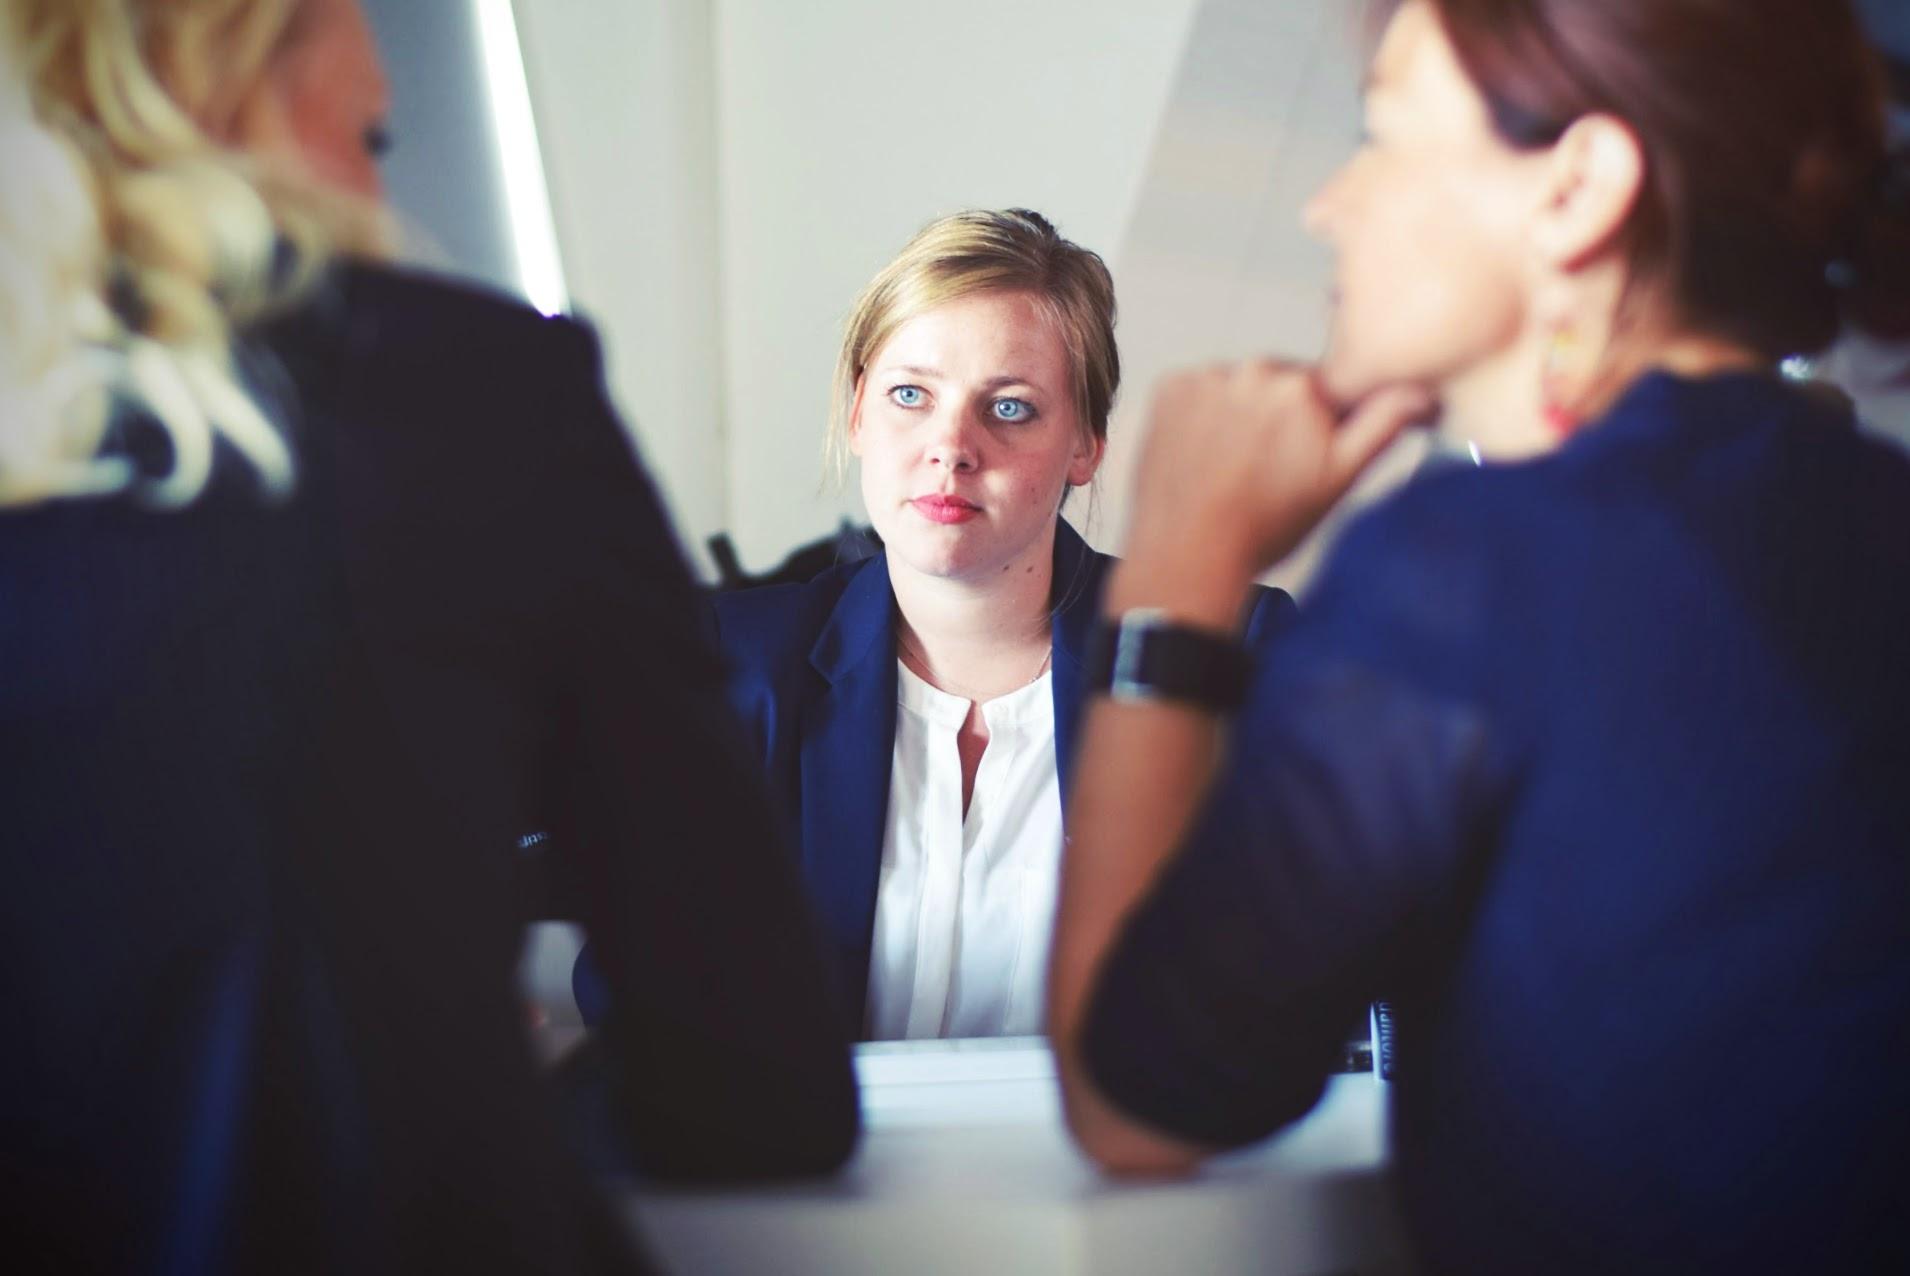 Coraz większą rolę w podjęciu decyzji odgrywają świadczenia pozapłacowe